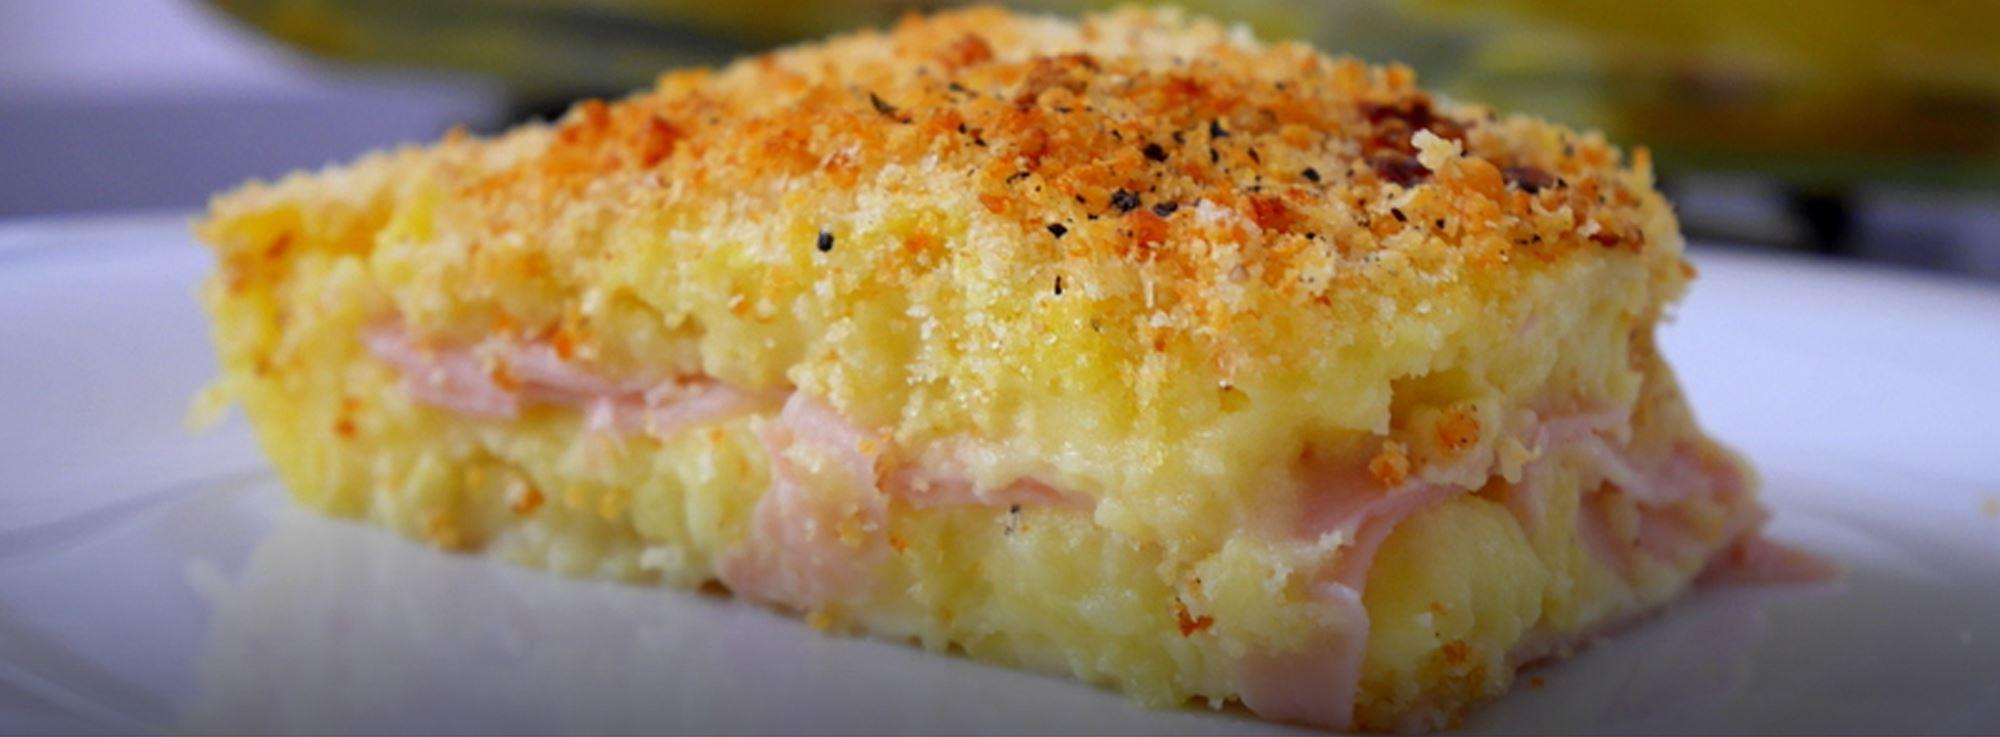 Ricetta: Pitta di patate prosciutto e formaggio